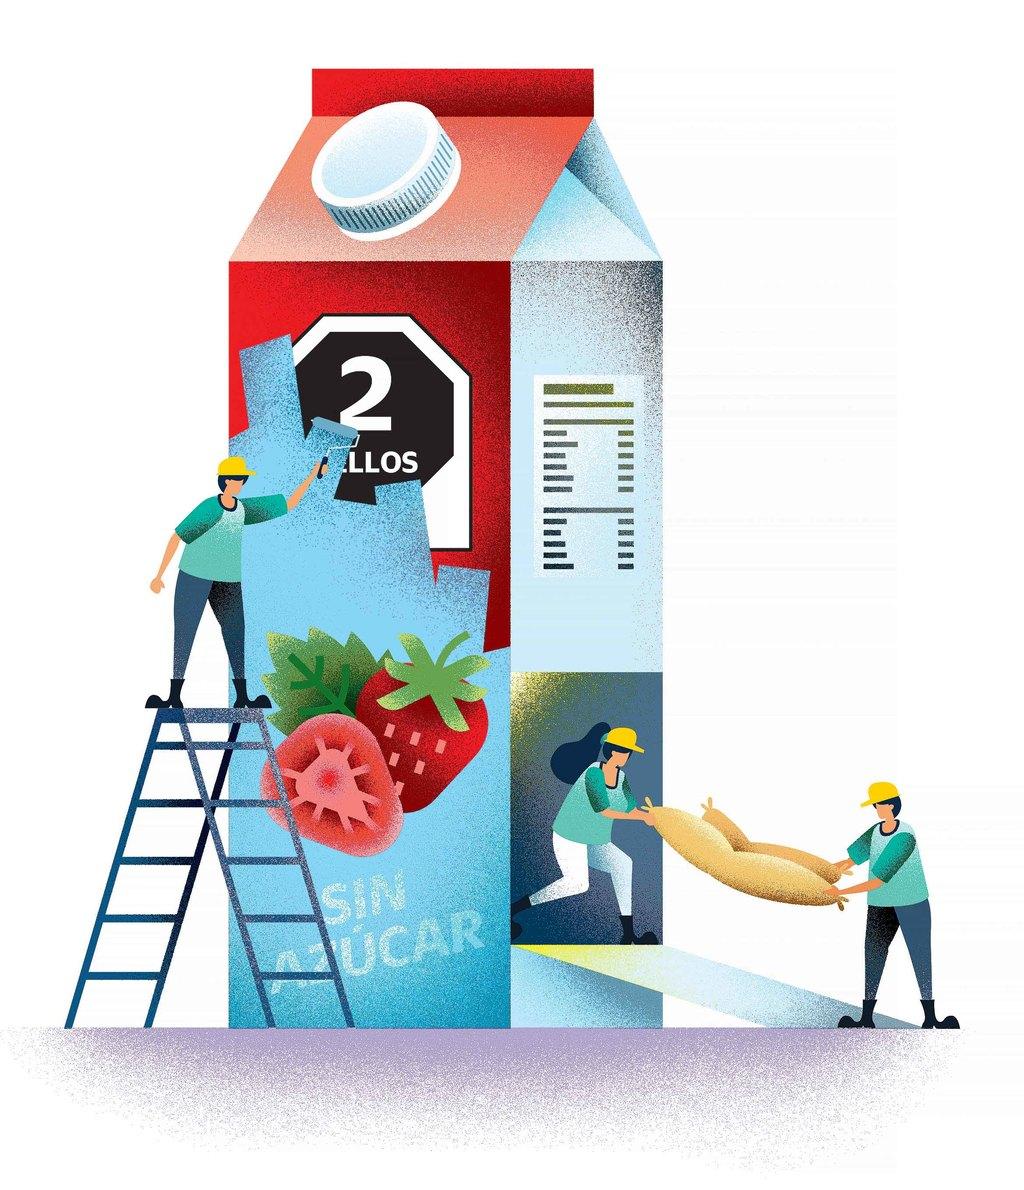 Reformular, opción ante nuevo etiquetado de alimentos y bebidas preenvasados